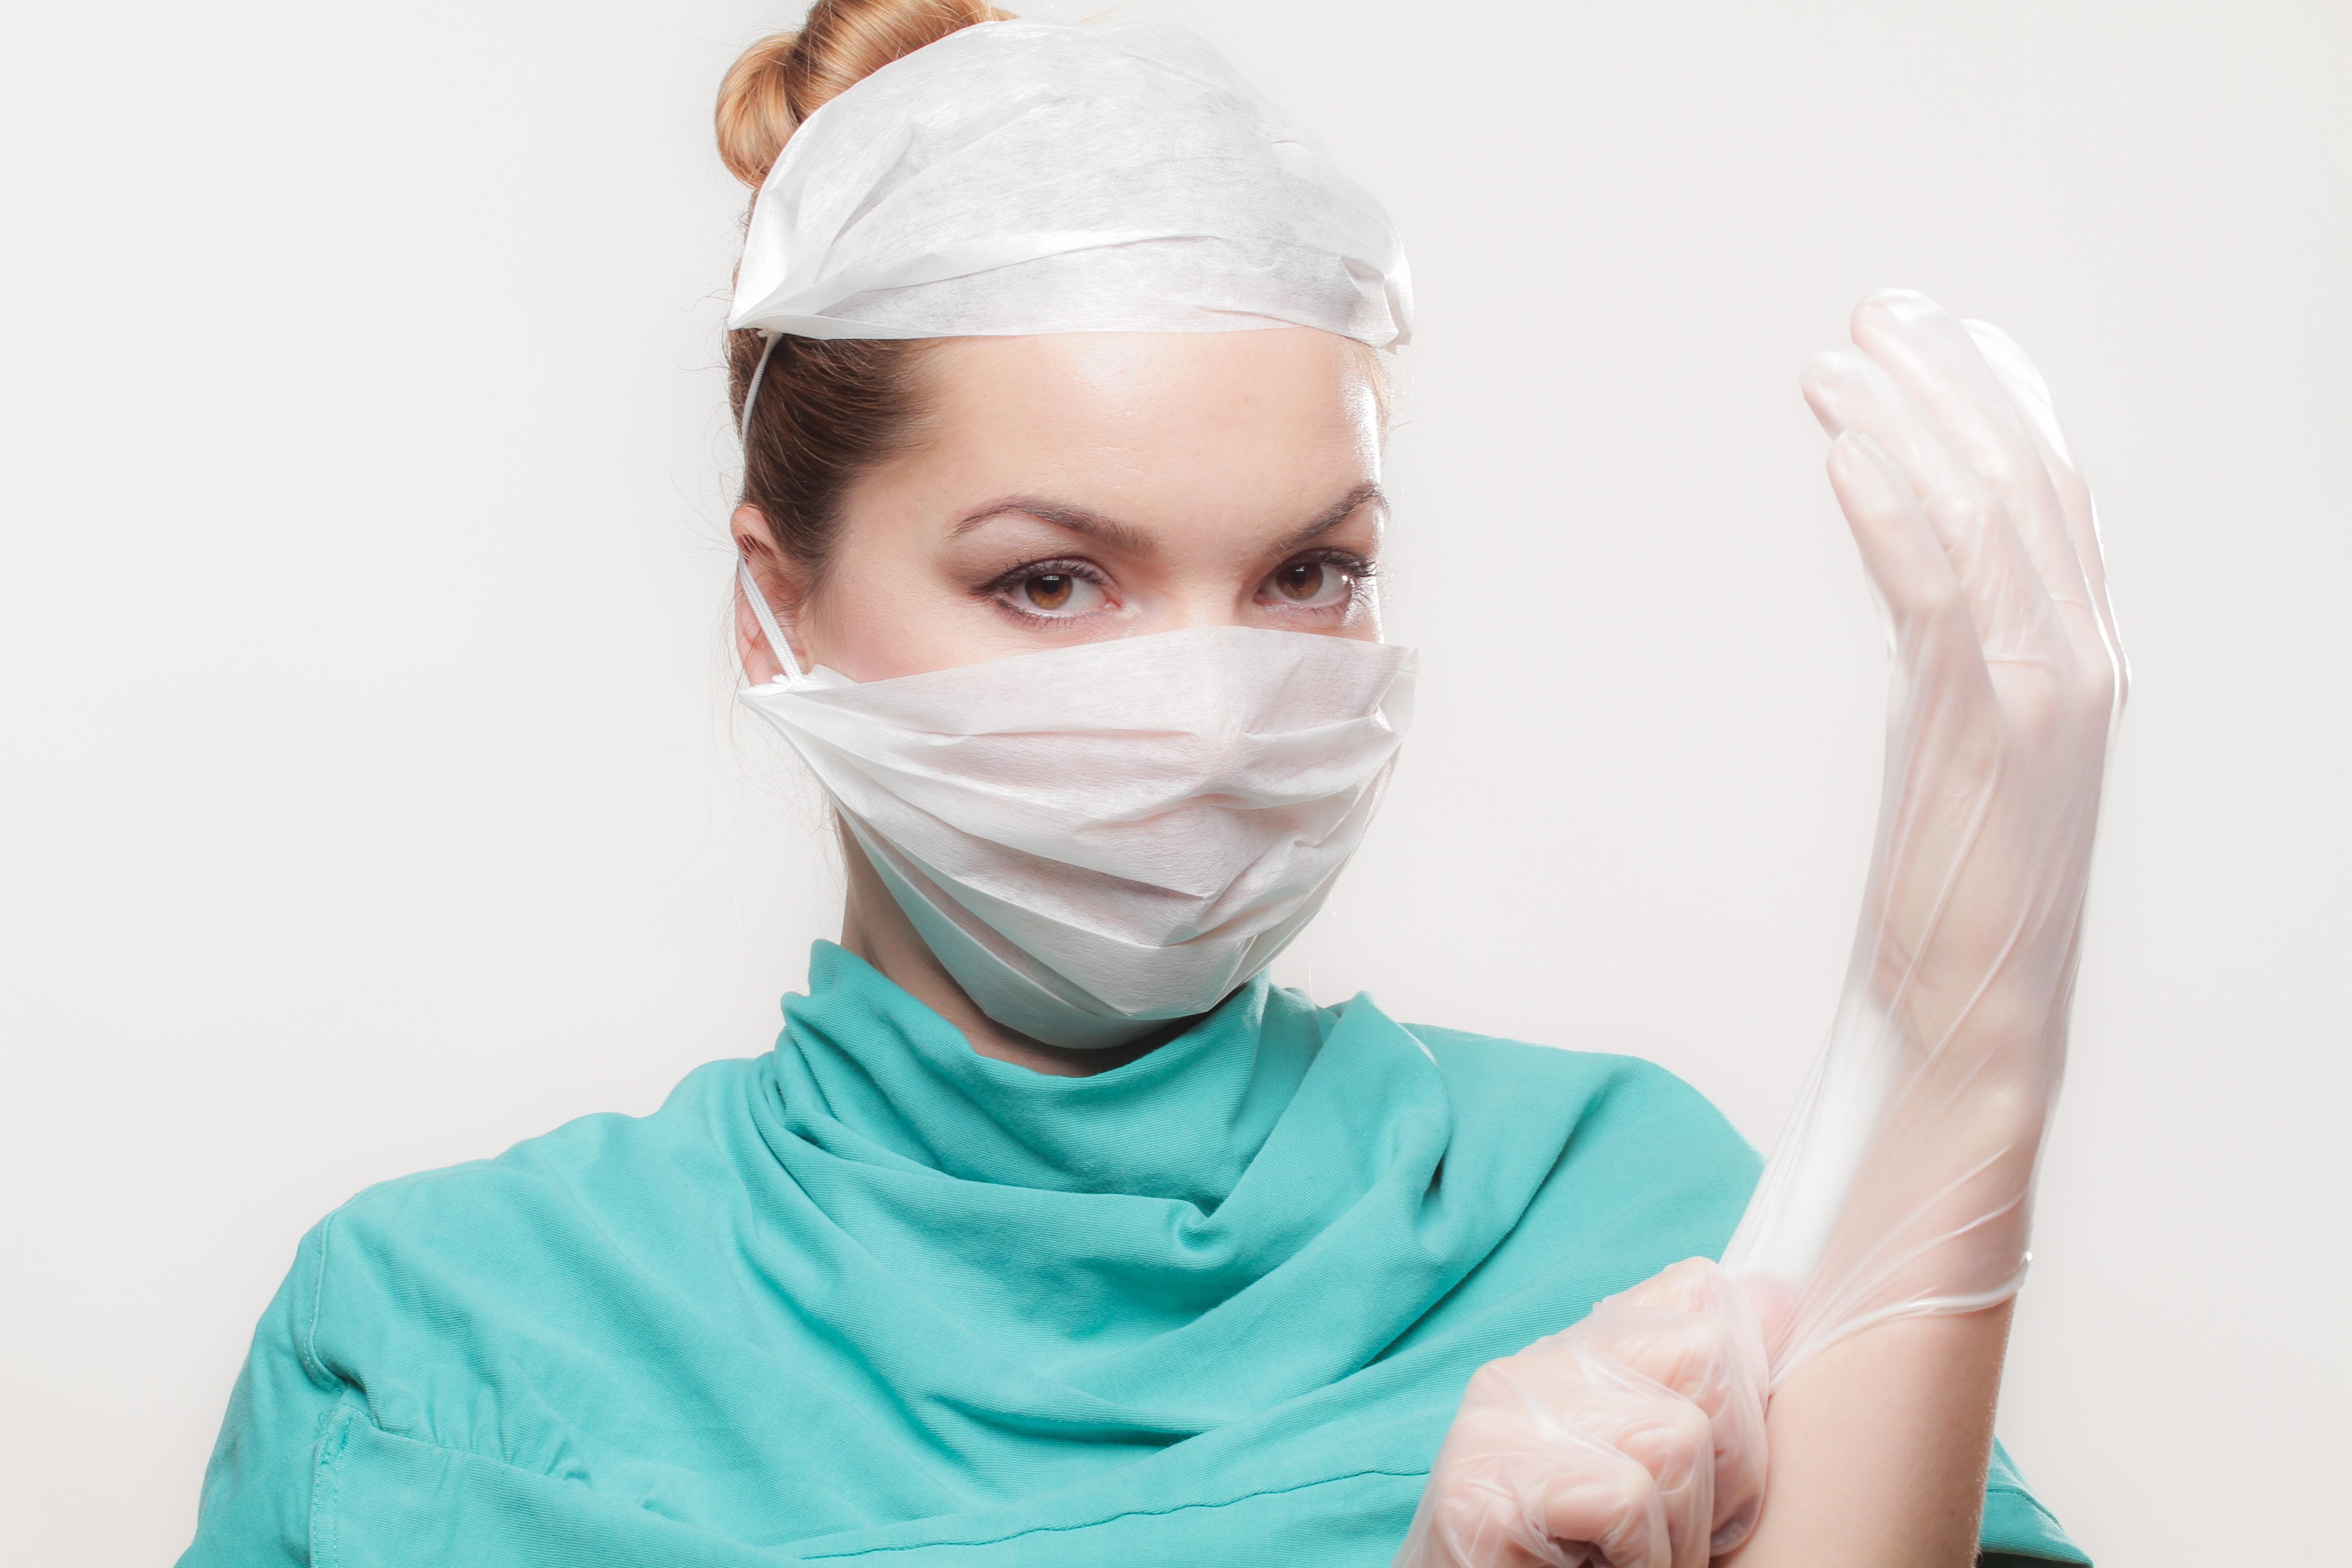 ¿Cómo puede un cirujano destacar en el mercado?